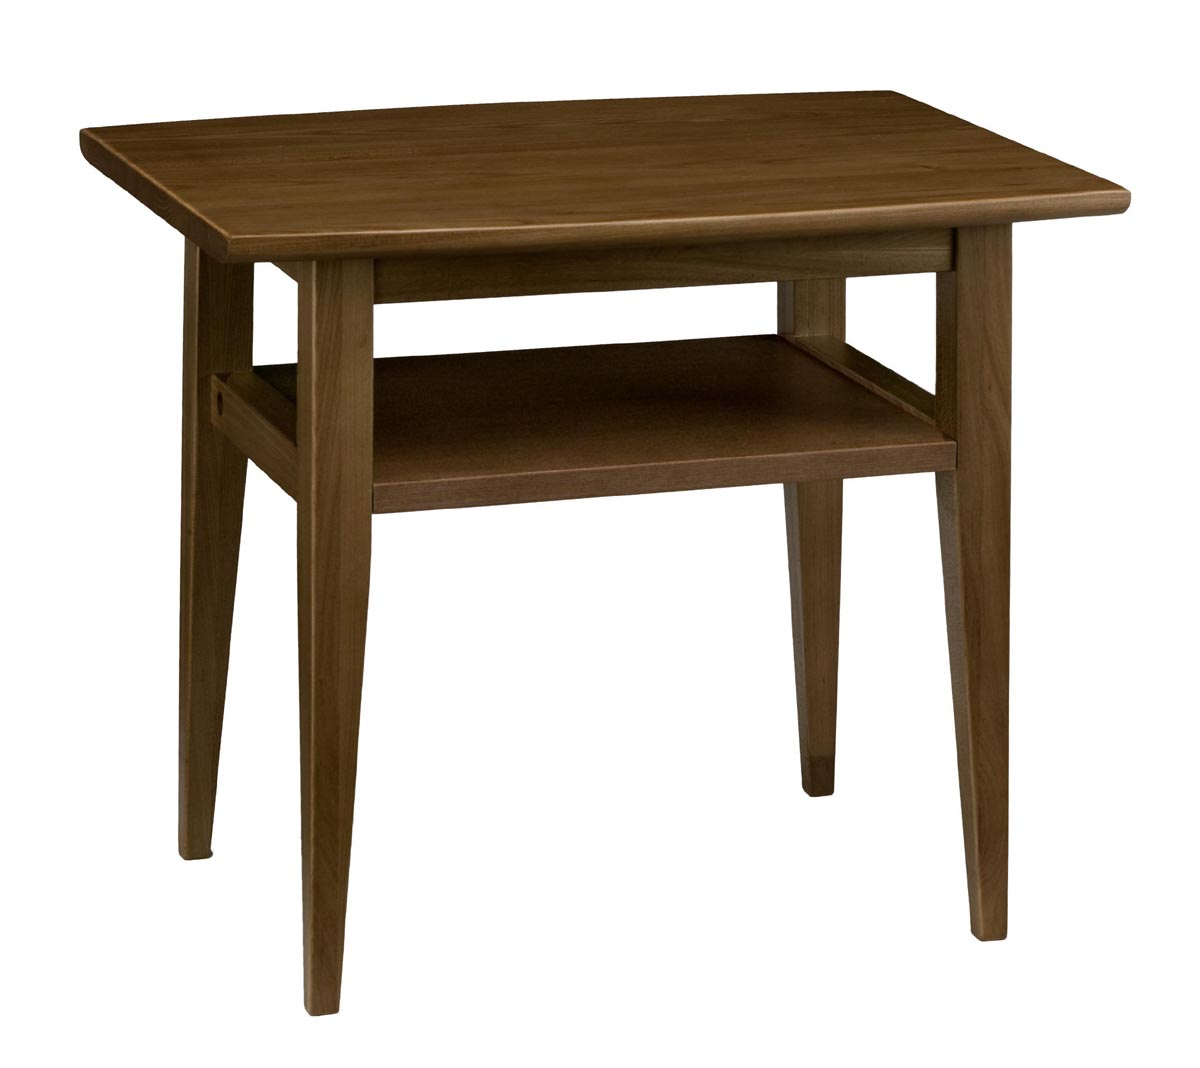 アケボノ アスコット645WE テーブル 机 シンプル コンパクト ブラウン センターテーブル 送料無料